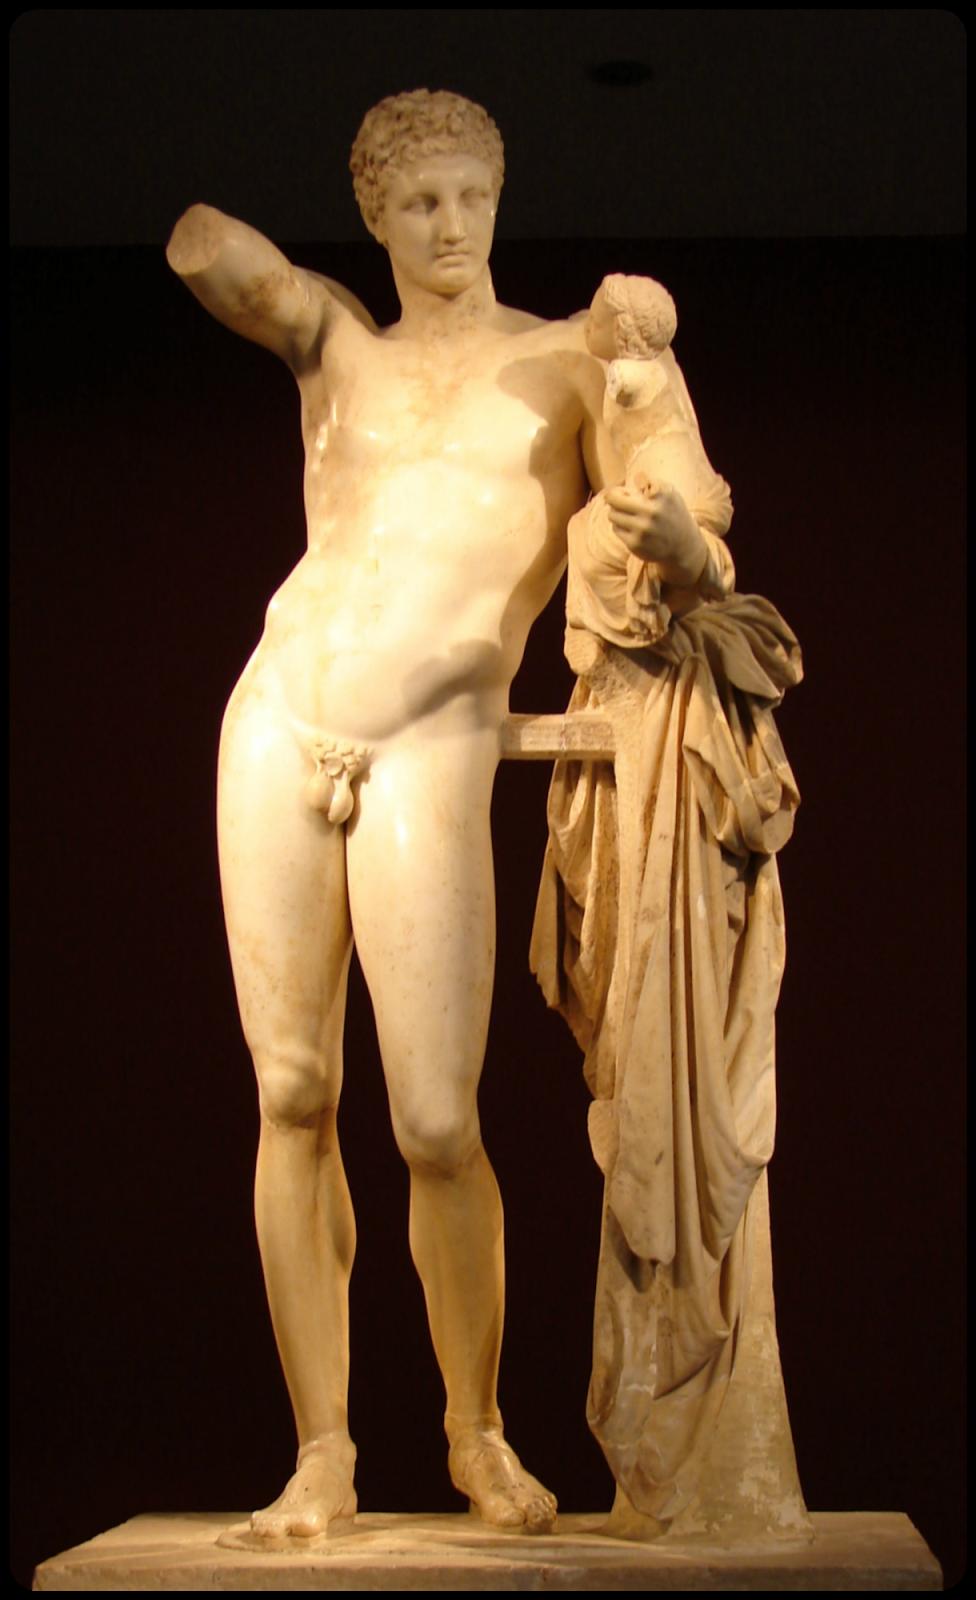 Curva praxiteliana - Praxiteles - escultura - contrapposto